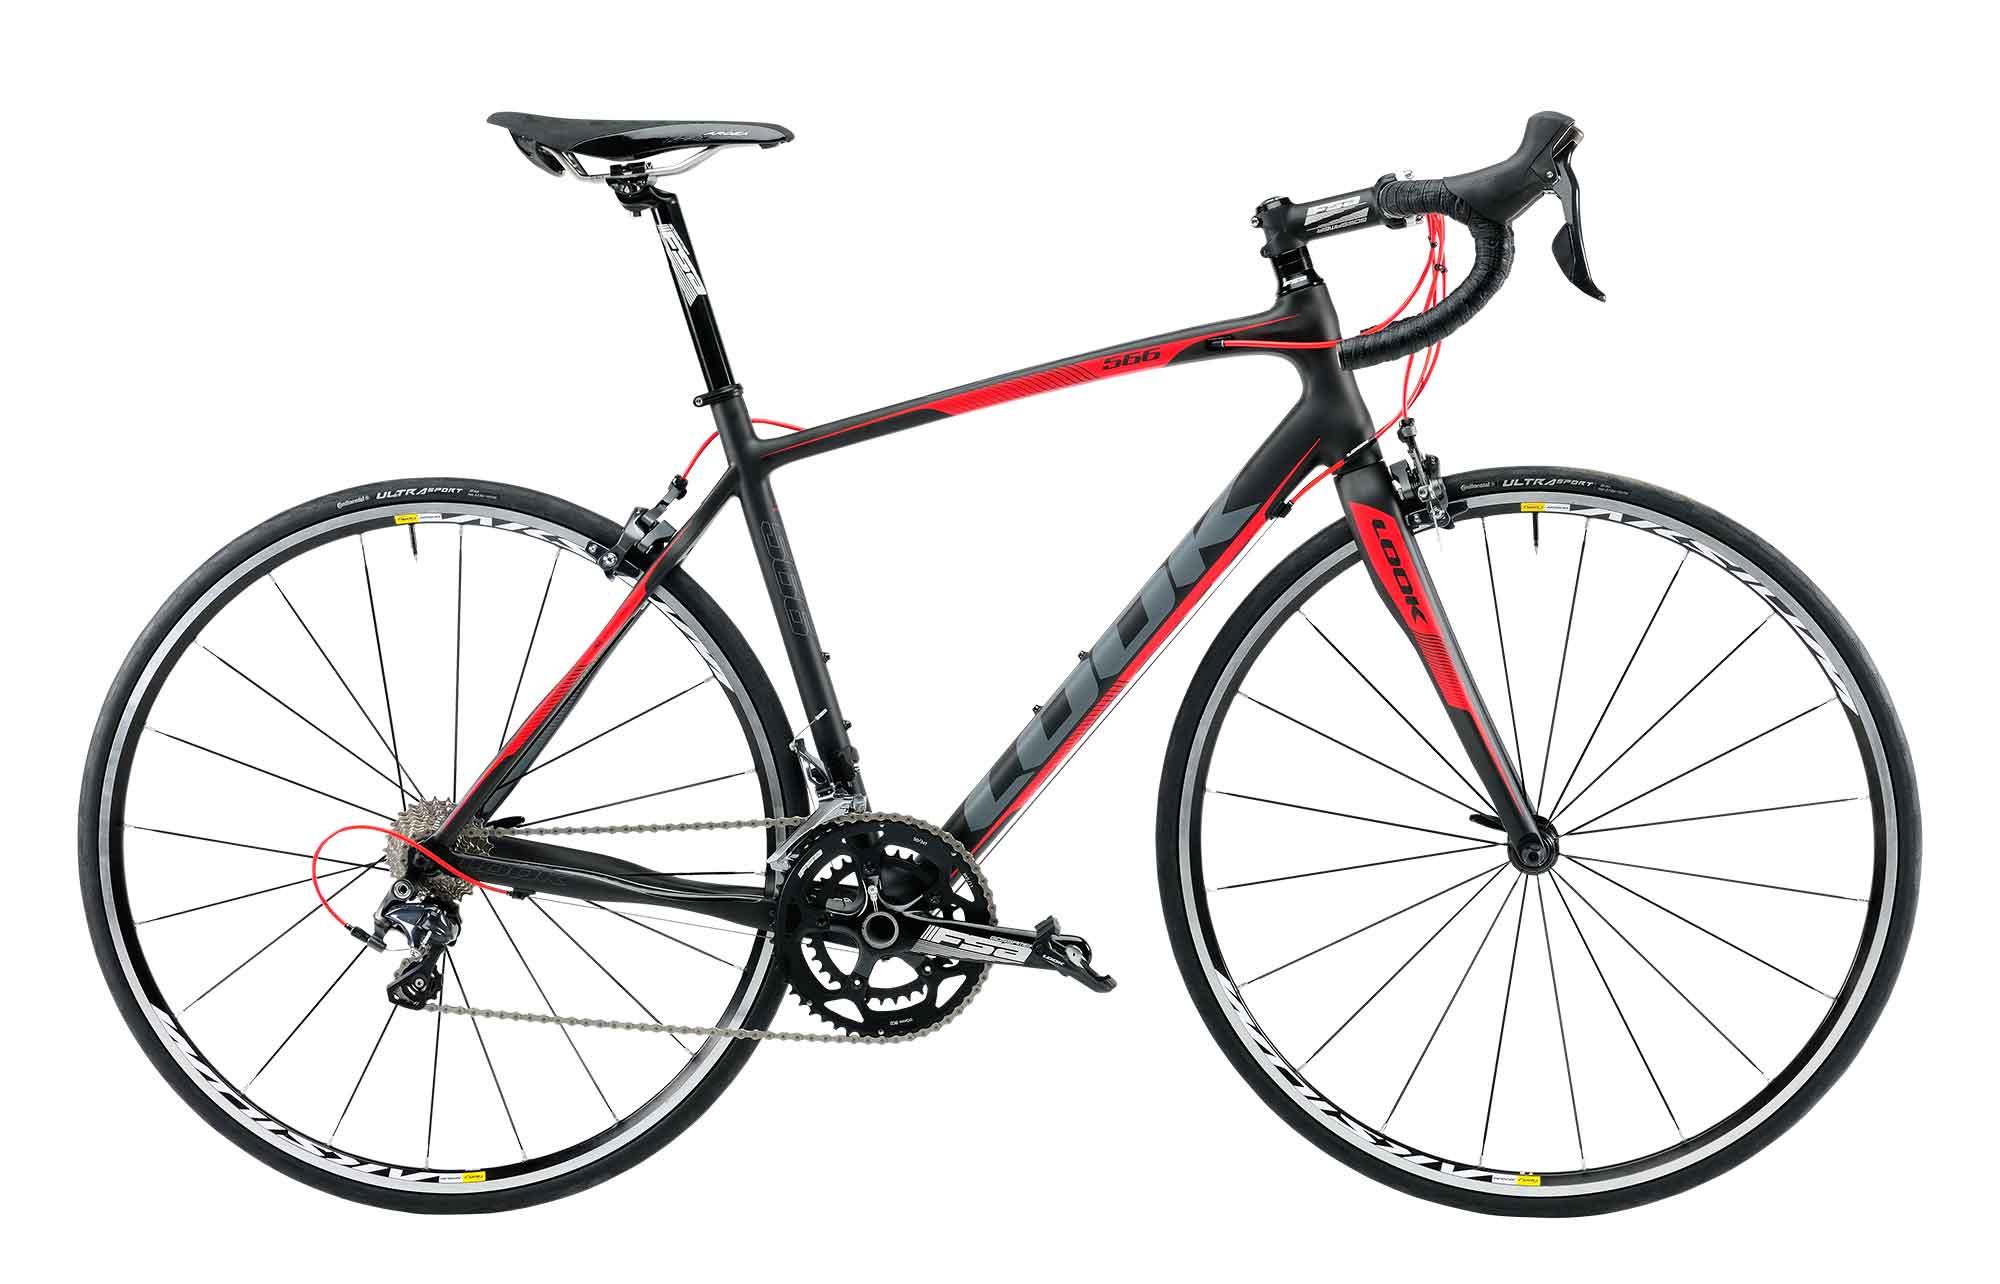 07f57f4ceed 2015 Look 566 Ultegra Bike | R&A Cycles